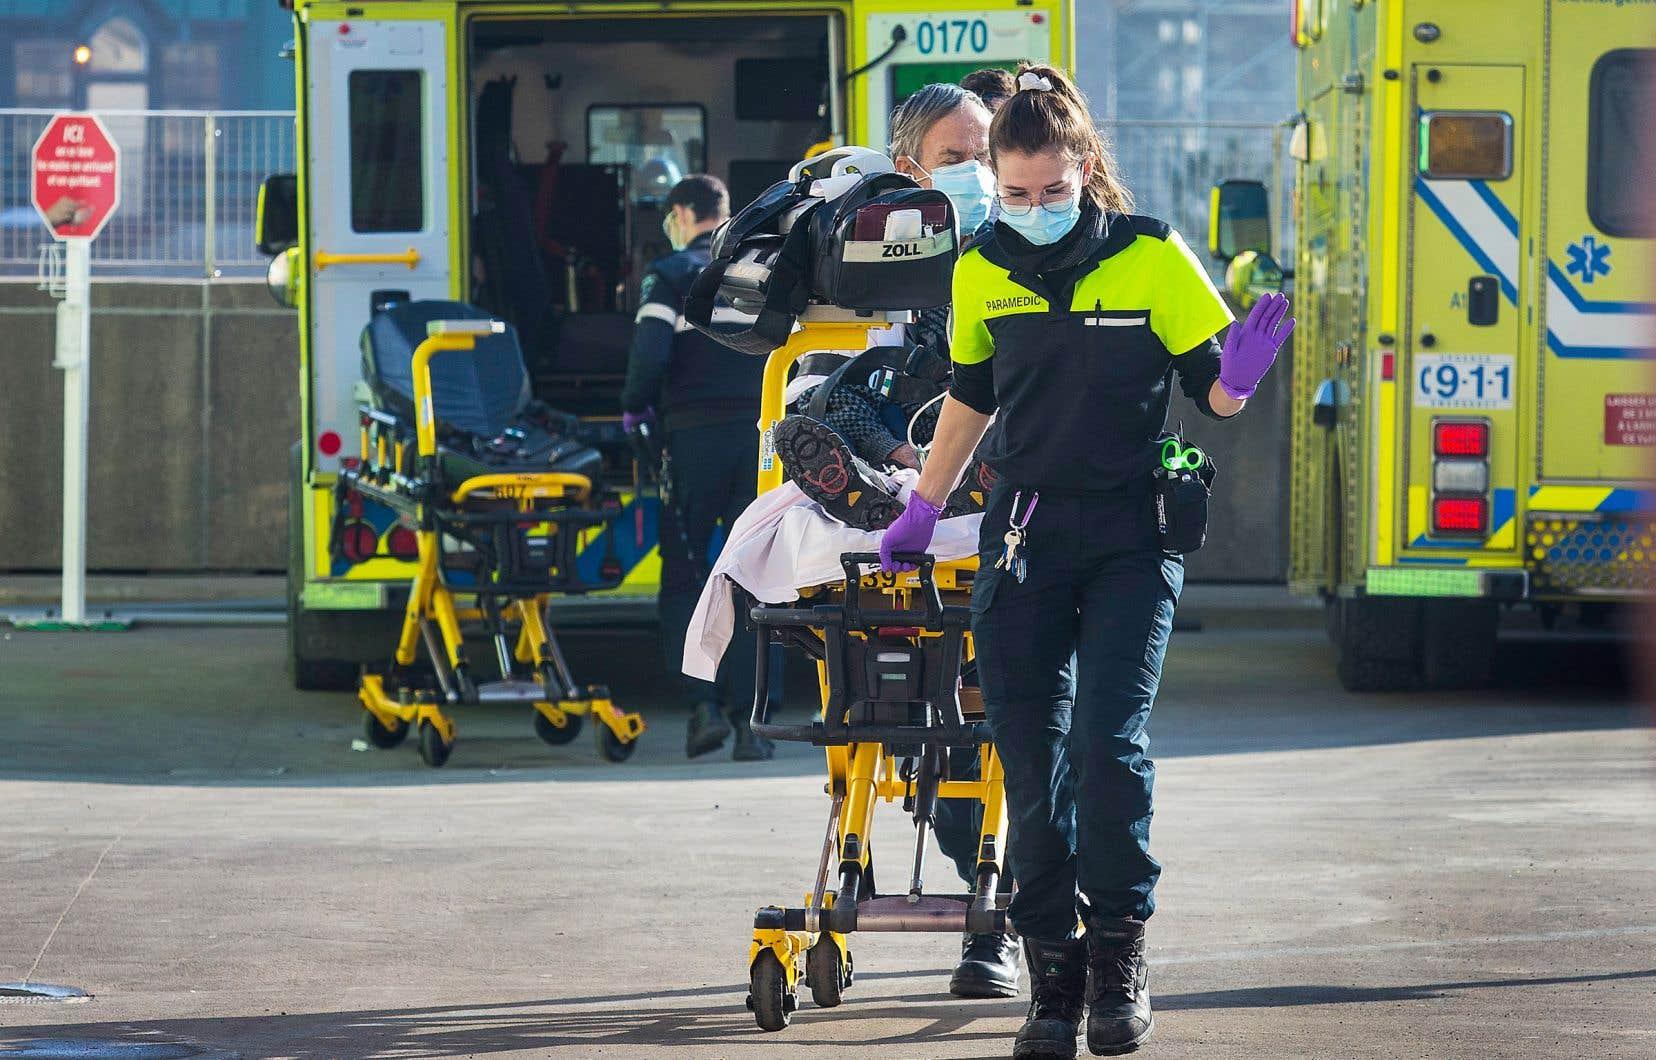 Une ambulancière masquée conduit un patient sur une civière à l'hôpital.